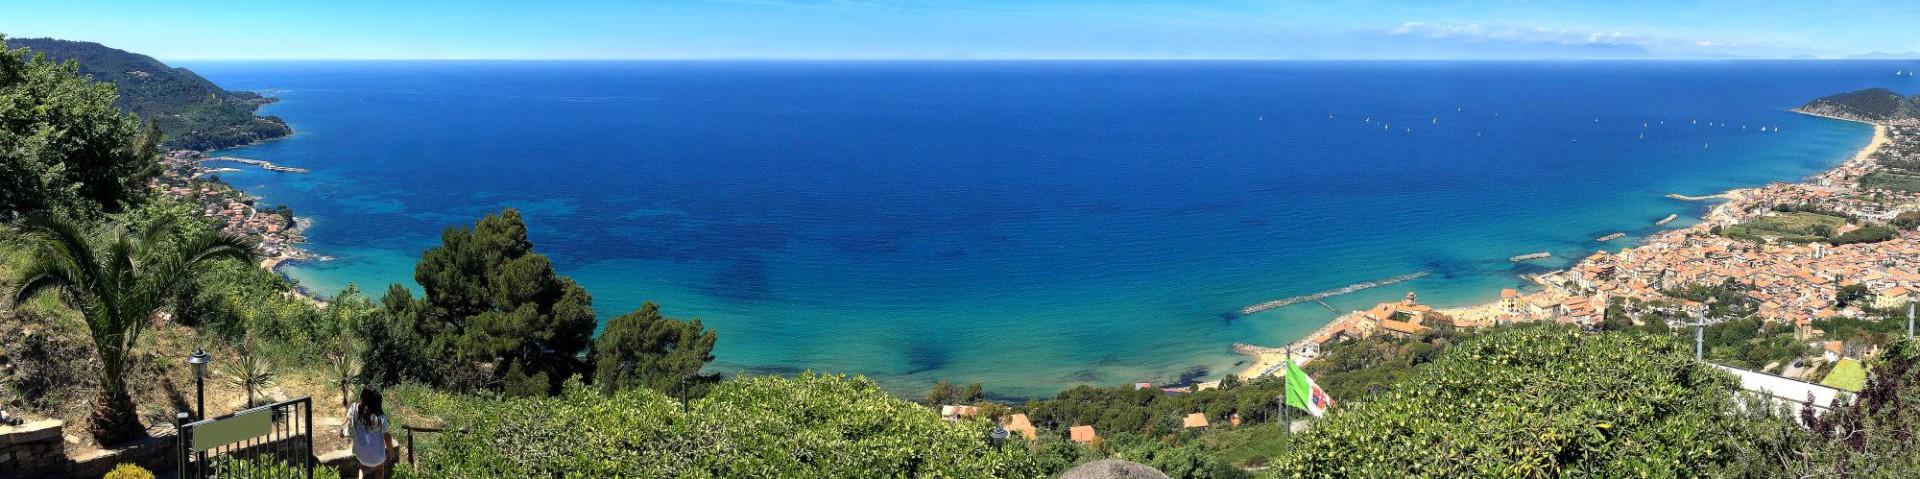 San Marco di Castellabate, celkový pohled na záliv